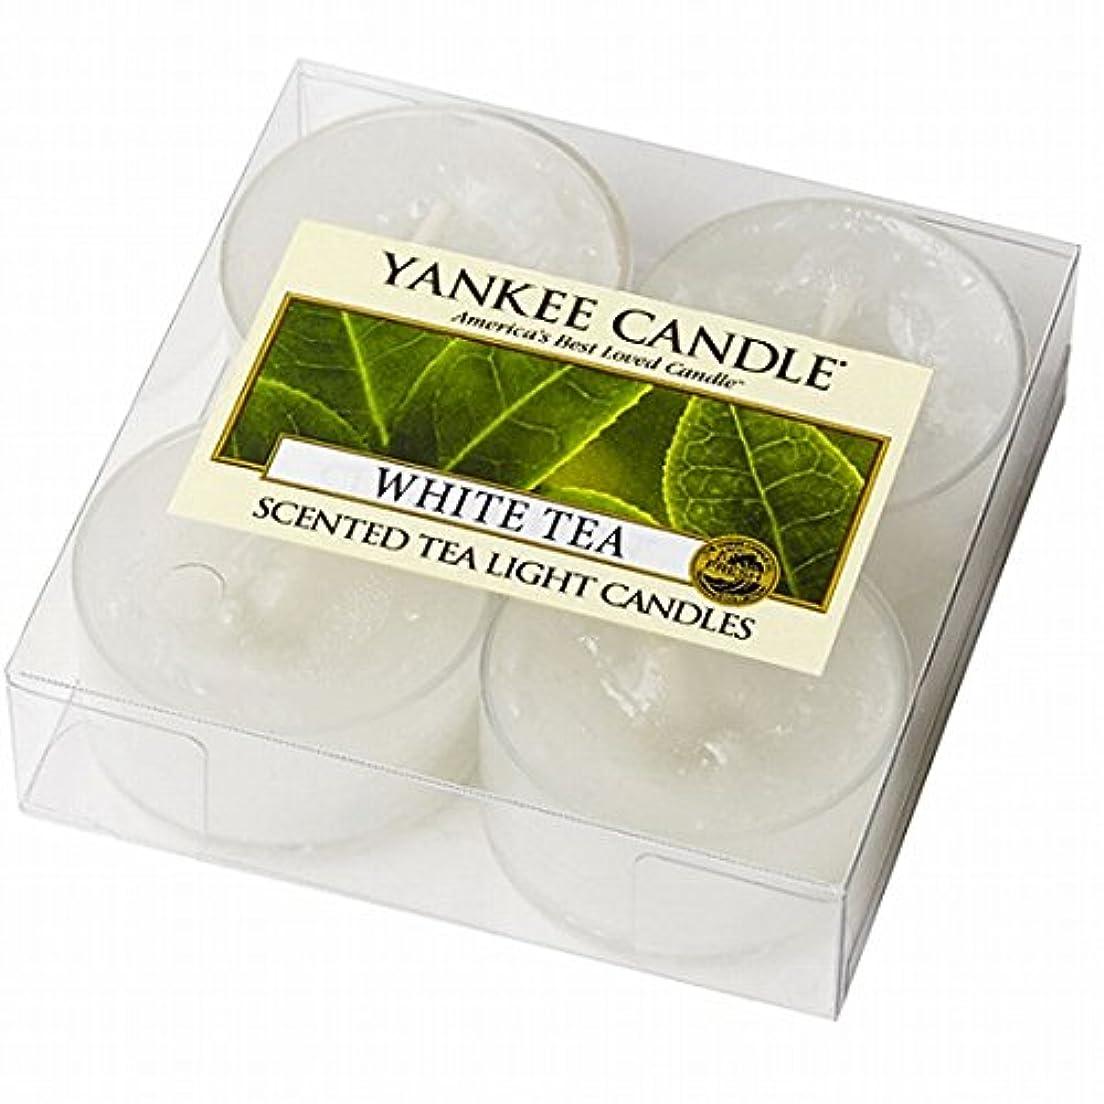 口述する立ち向かう成長するYANKEE CANDLE(ヤンキーキャンドル) YANKEE CANDLE クリアカップティーライト4個入り 「ホワイトティー」(K00205277)